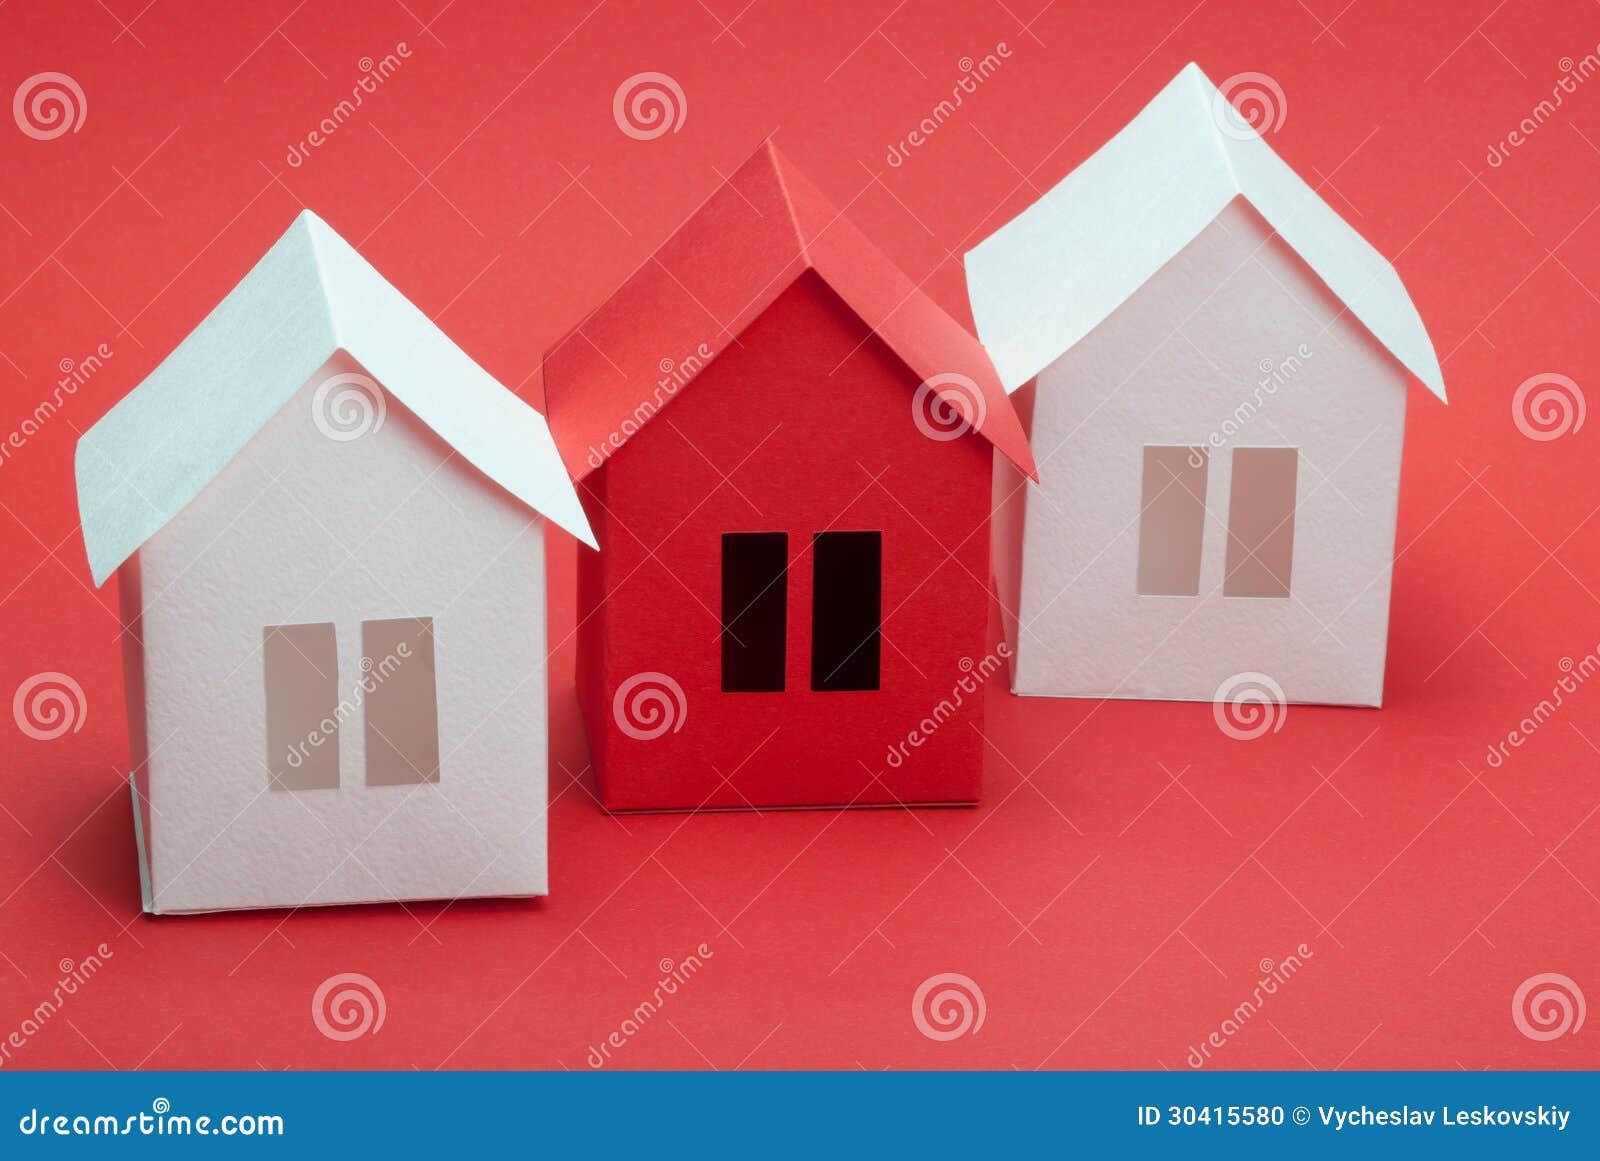 Modelli case di carta confortevole soggiorno nella casa for Modelli di case italiane